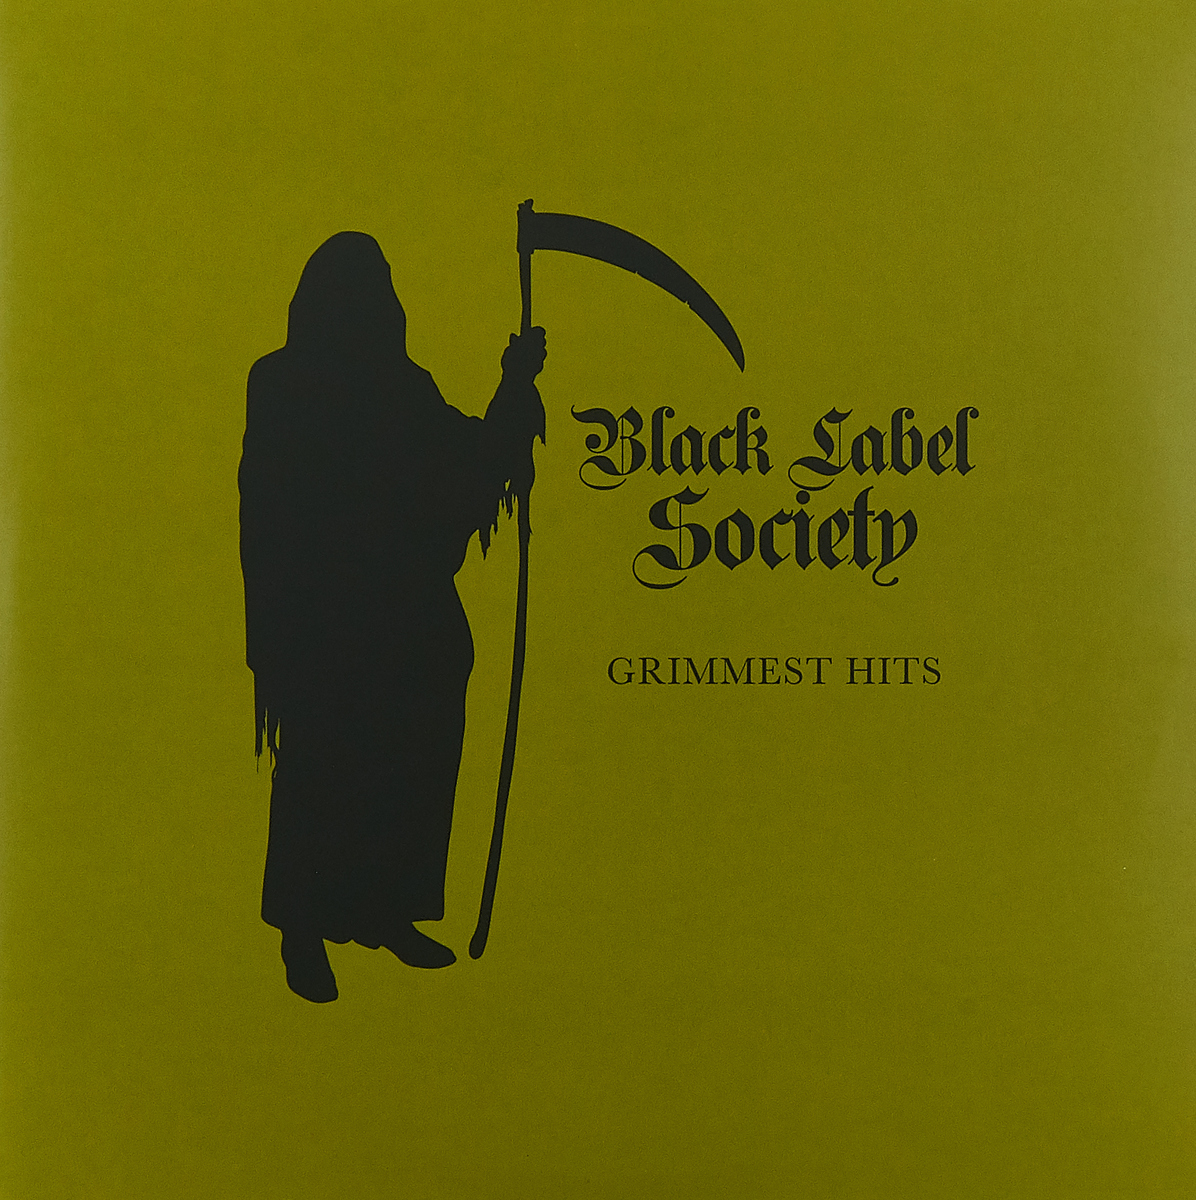 Black Label Society Black Label Society. Grimmest Hits (2 LP) razor r tec black label